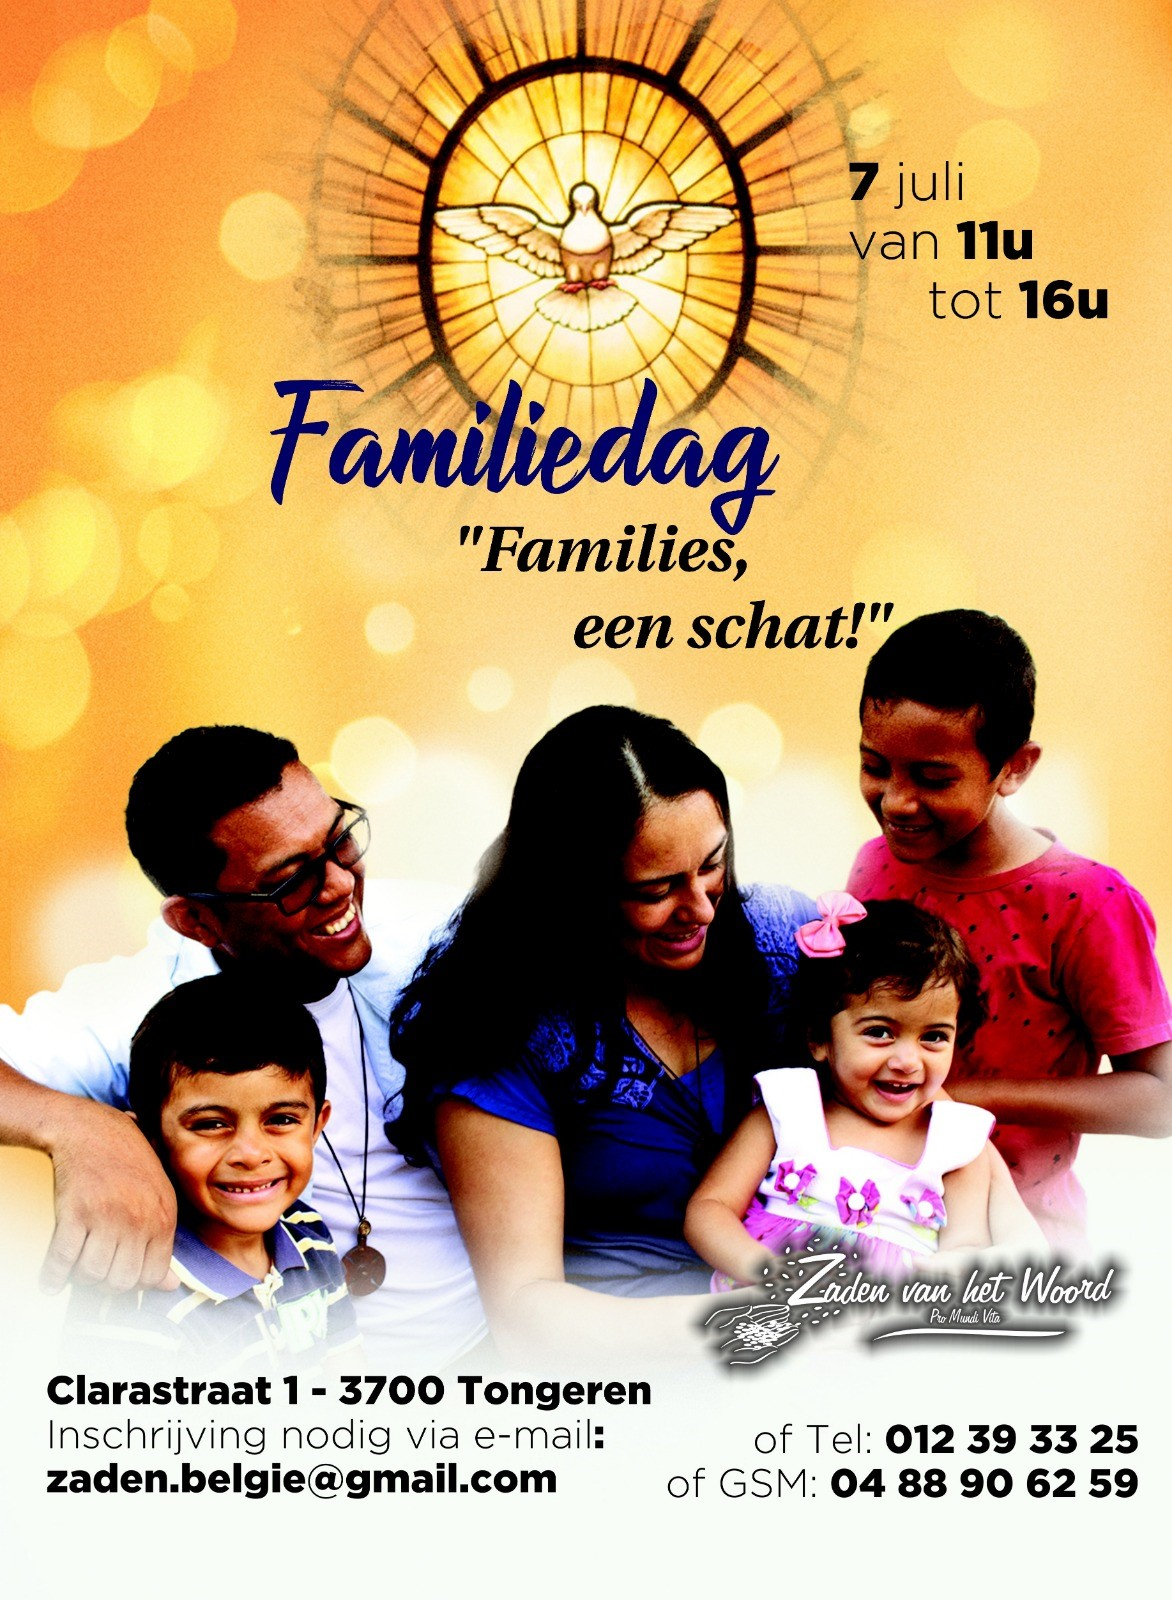 """Het thema van de familiedag luidt: """"Families, een schat!"""" © Gemeenschap Zaden van het Woord"""